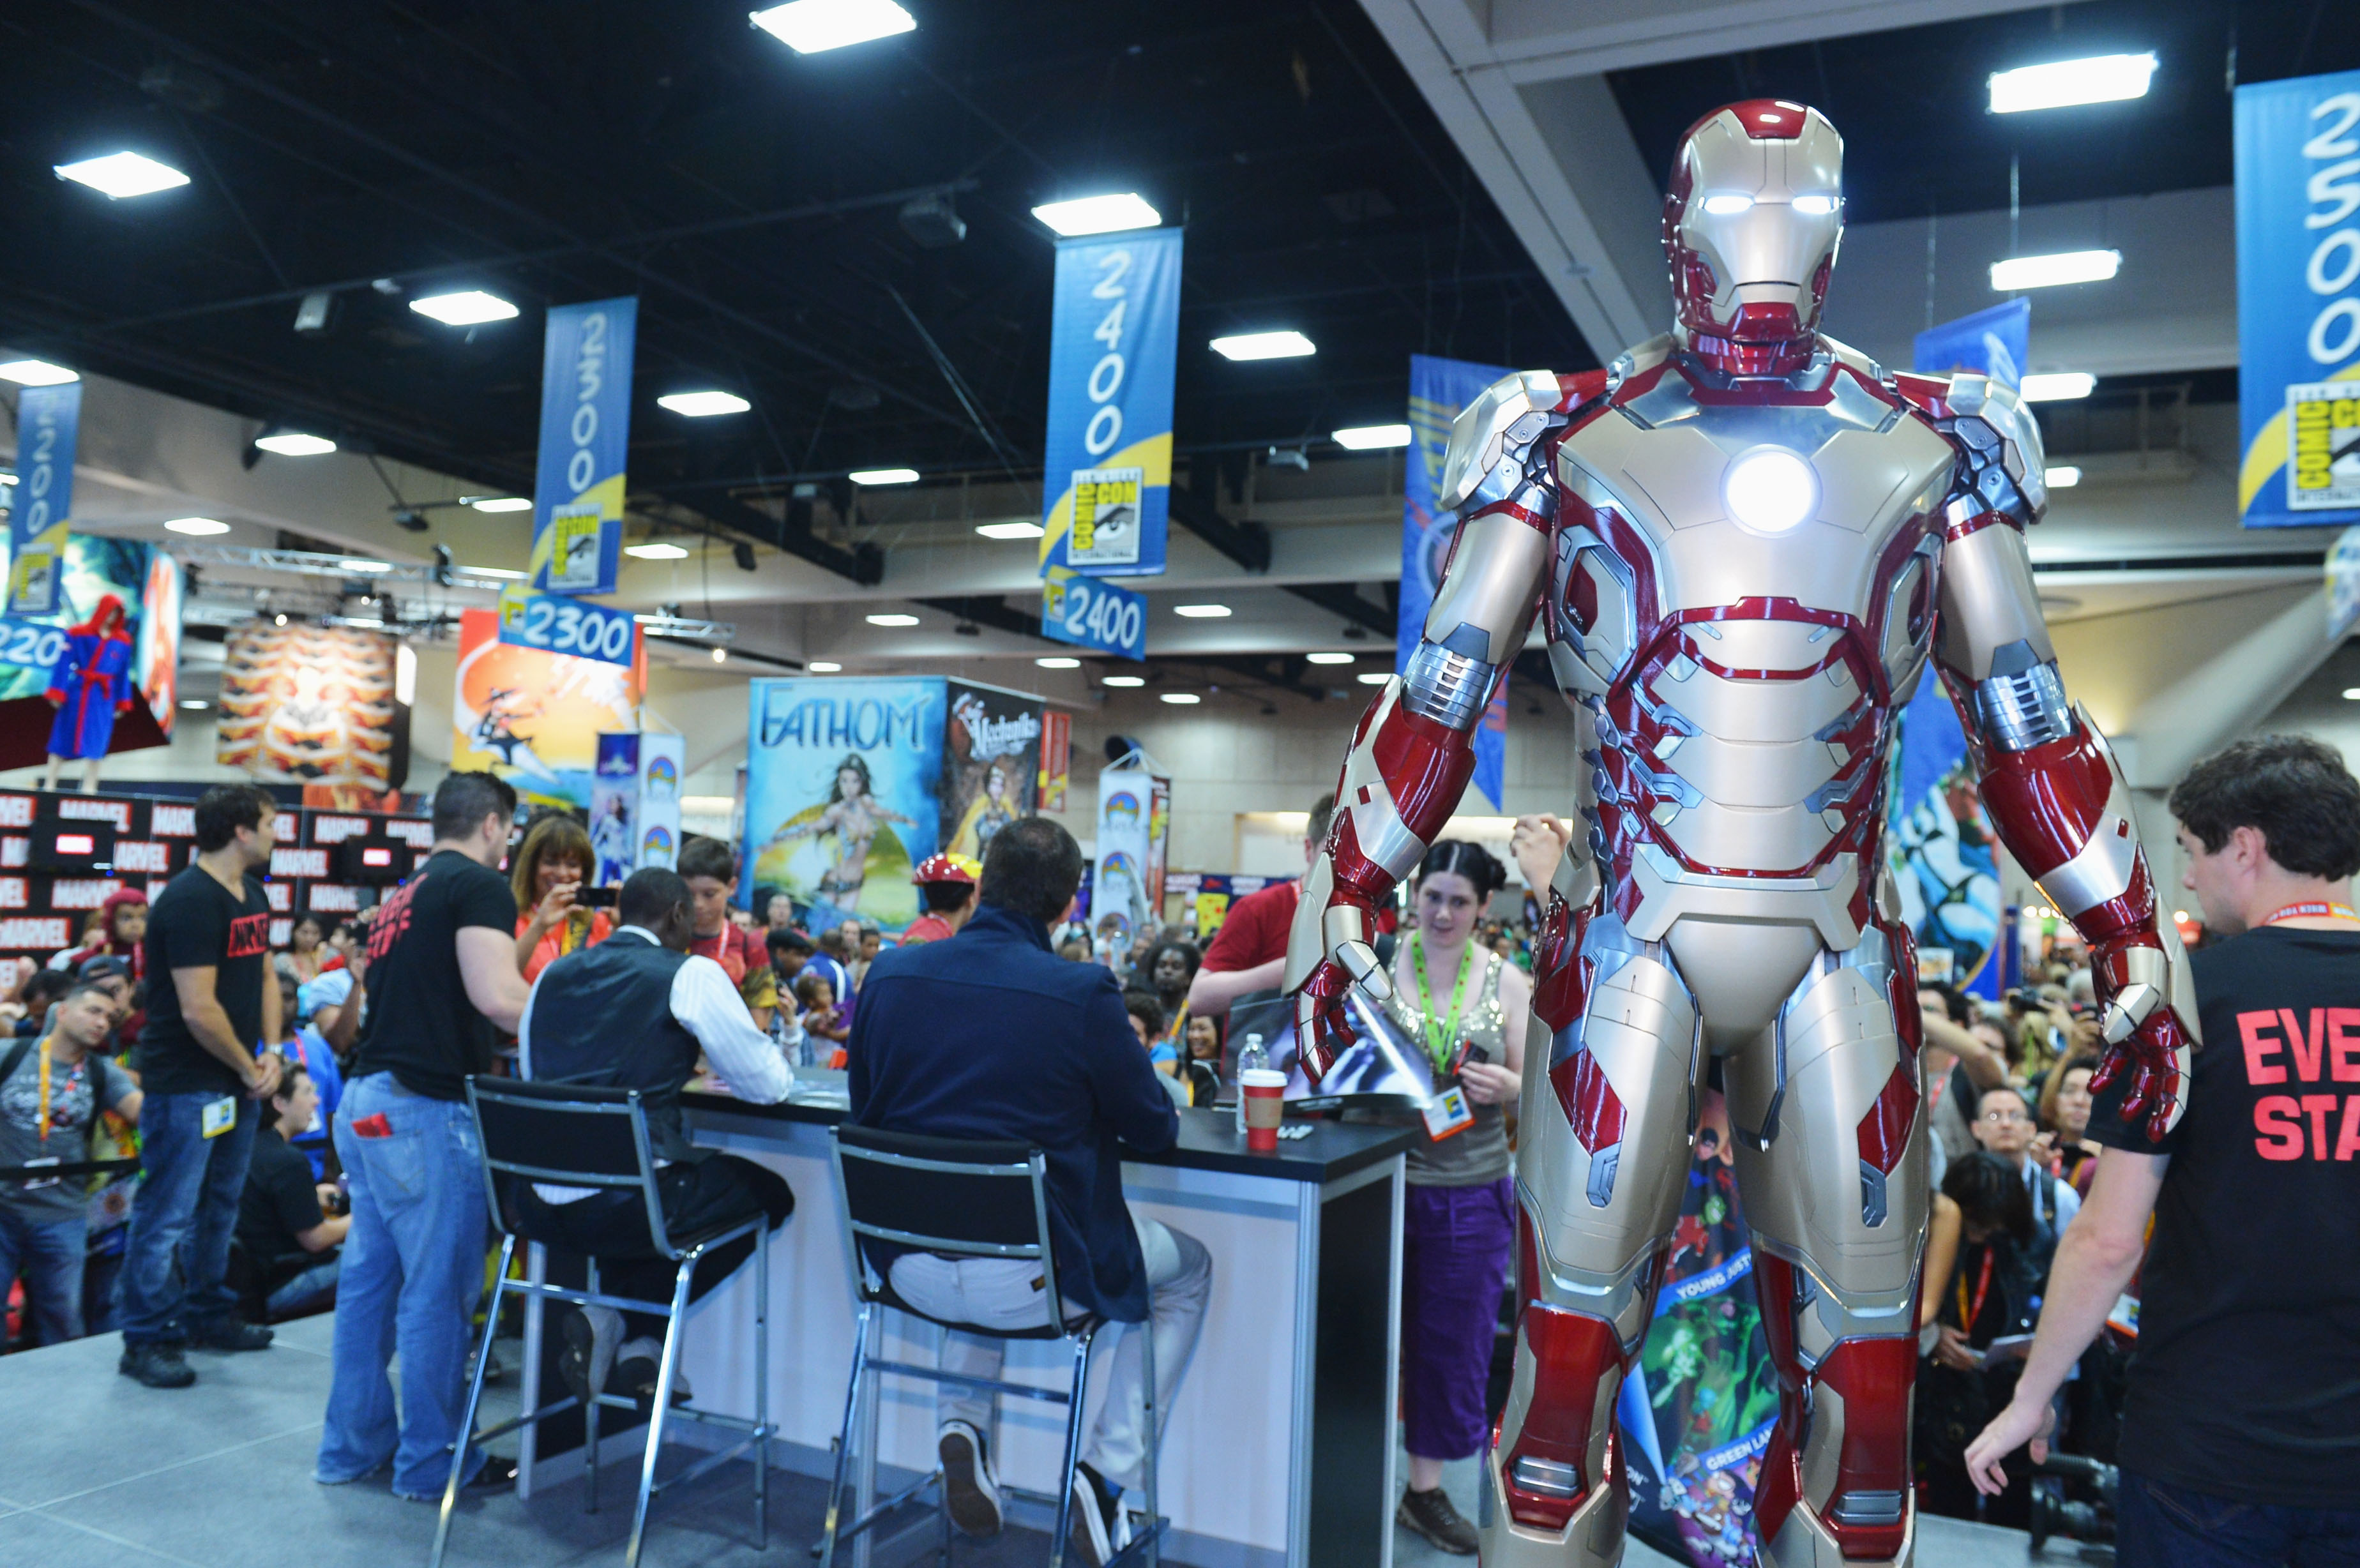 фотосессия «Железный человек 3» на Comic-Con 2012 Шейн Блэк, Дон Чидл,